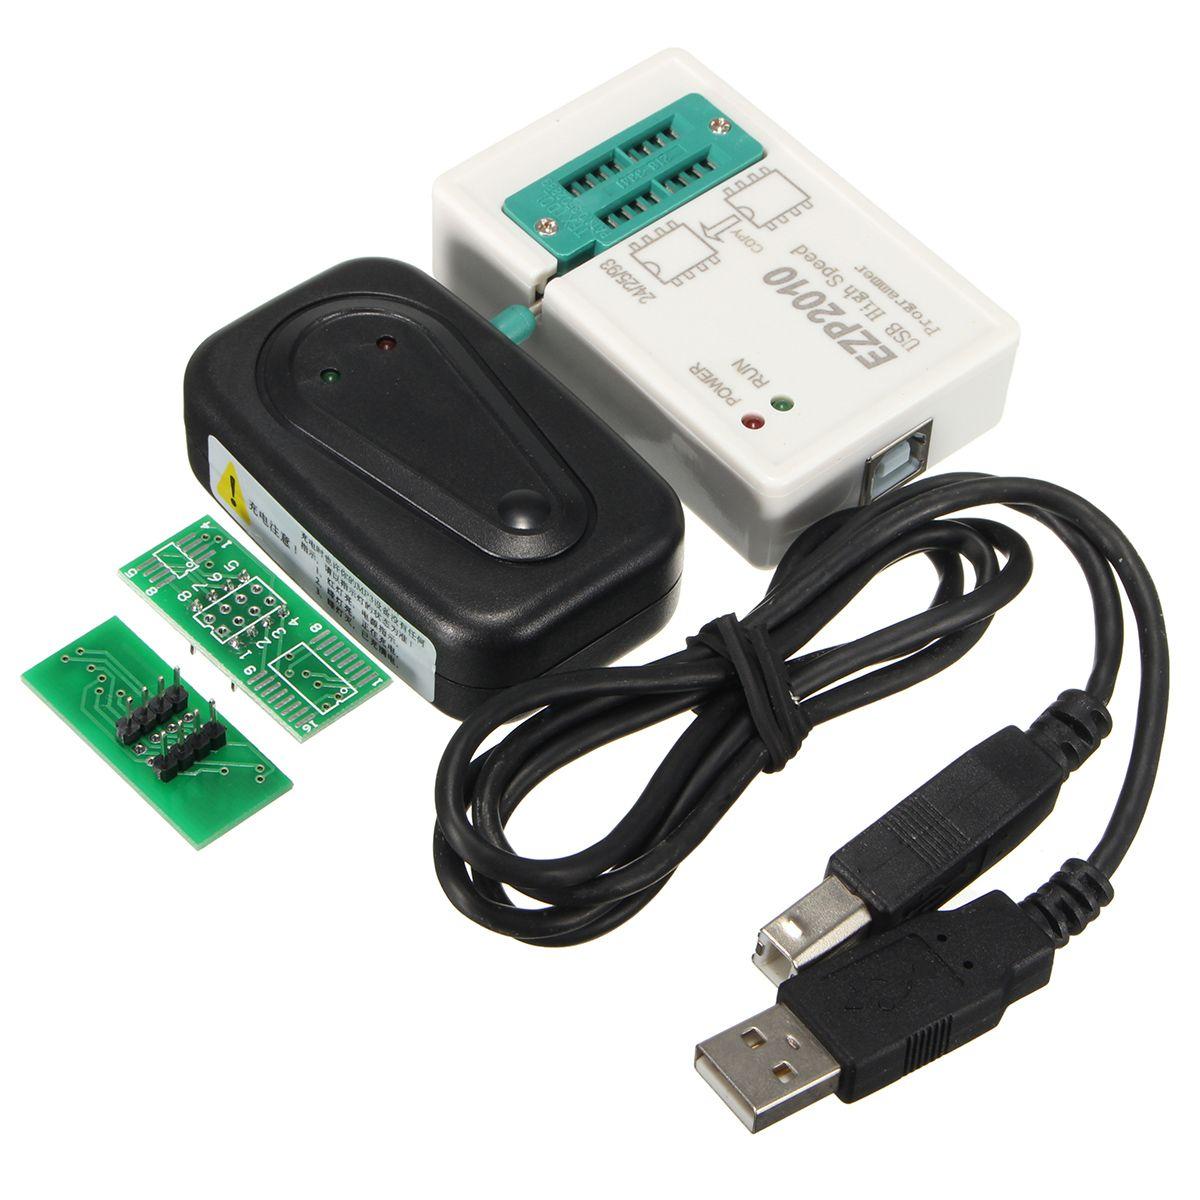 BIOS USB SPI Programmer 24 25 93 EEPROM Flash Support Off